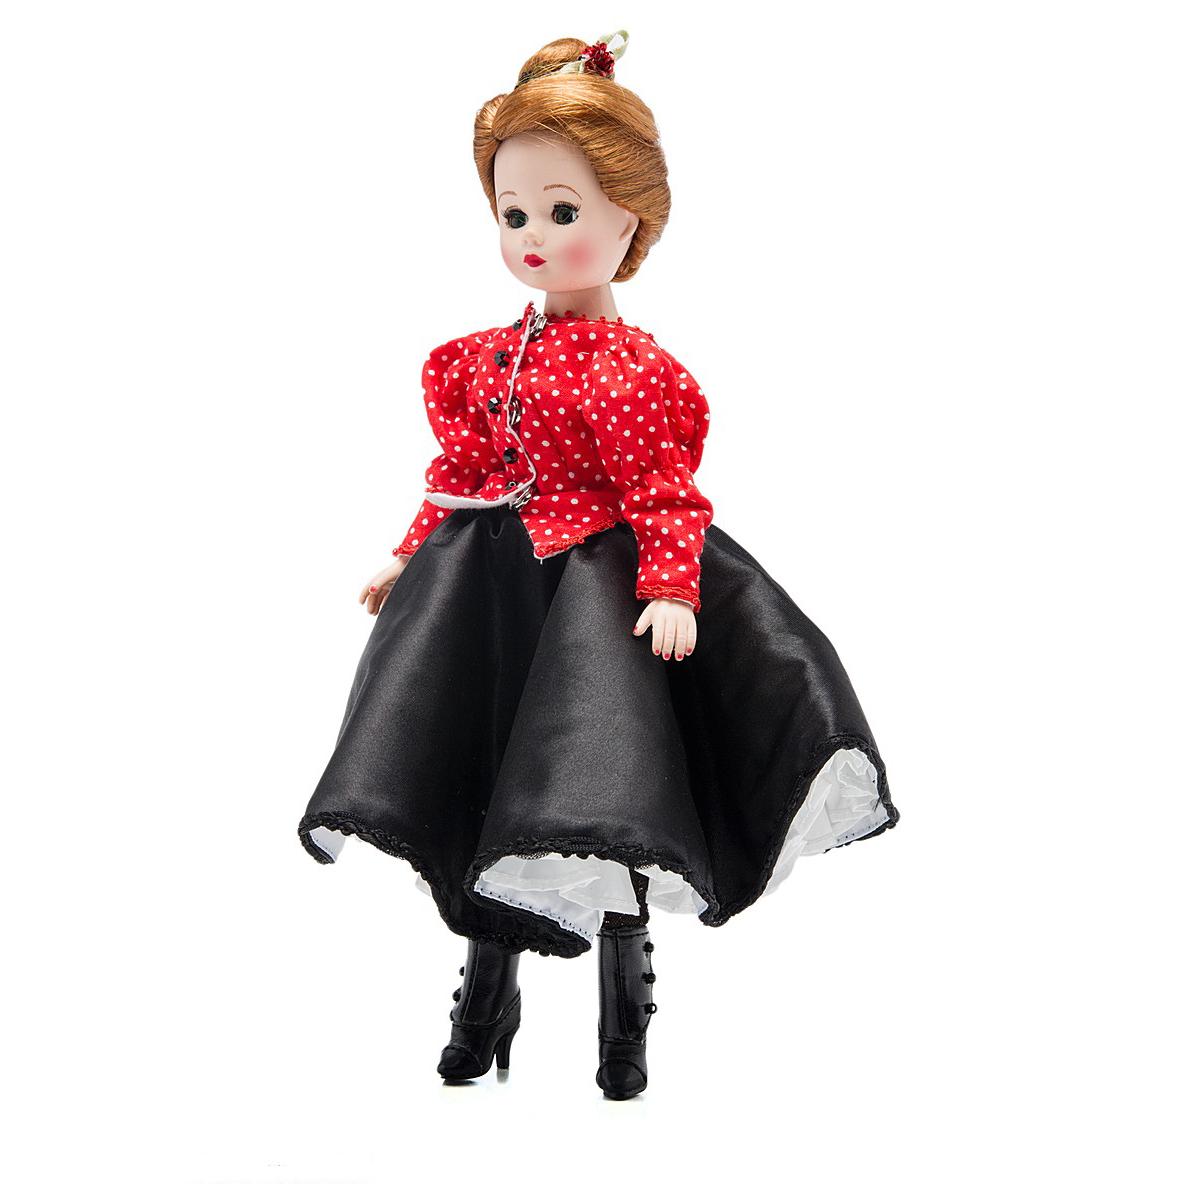 Кукла Танцовщица Мулен Руж, 25 см.Коллекционные куклы<br>Кукла Танцовщица Мулен Руж, 25 см.<br>